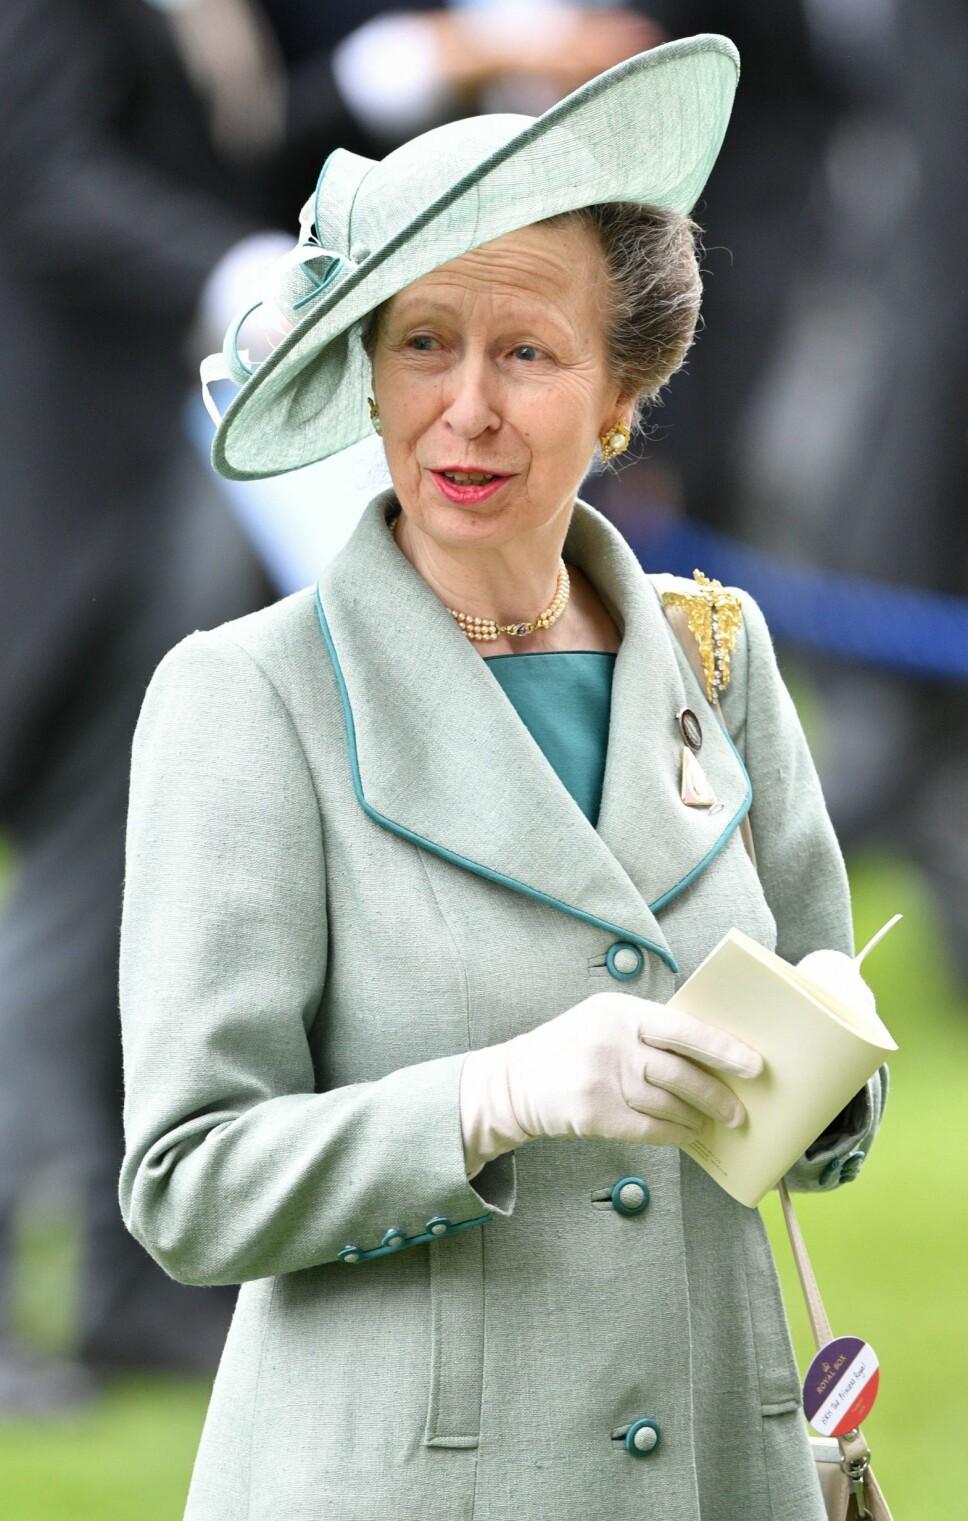 ARBEIDSOM: Prinsesse Anne jobber mest i det britiske kongehuset, uten å få noe særlig omtale eller ros.